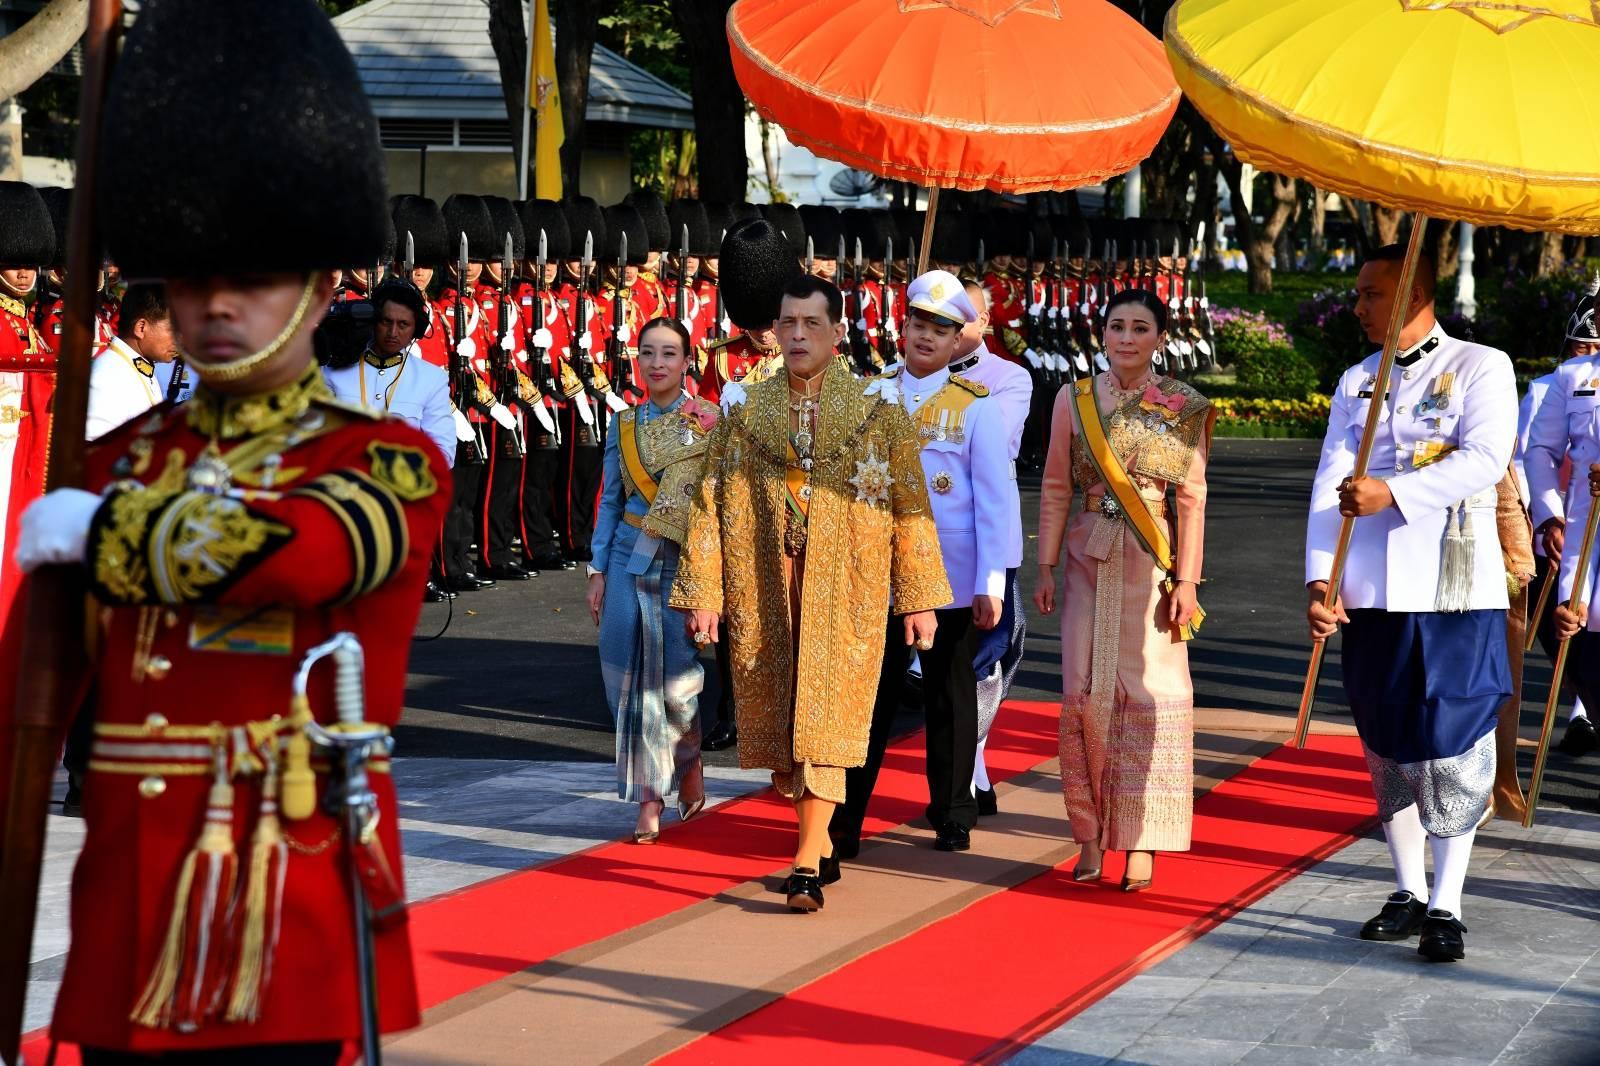 Thailand's King Maha Vajiralongkorn takes part in a royal barge river procession along the Chao Praya river in Bangkok